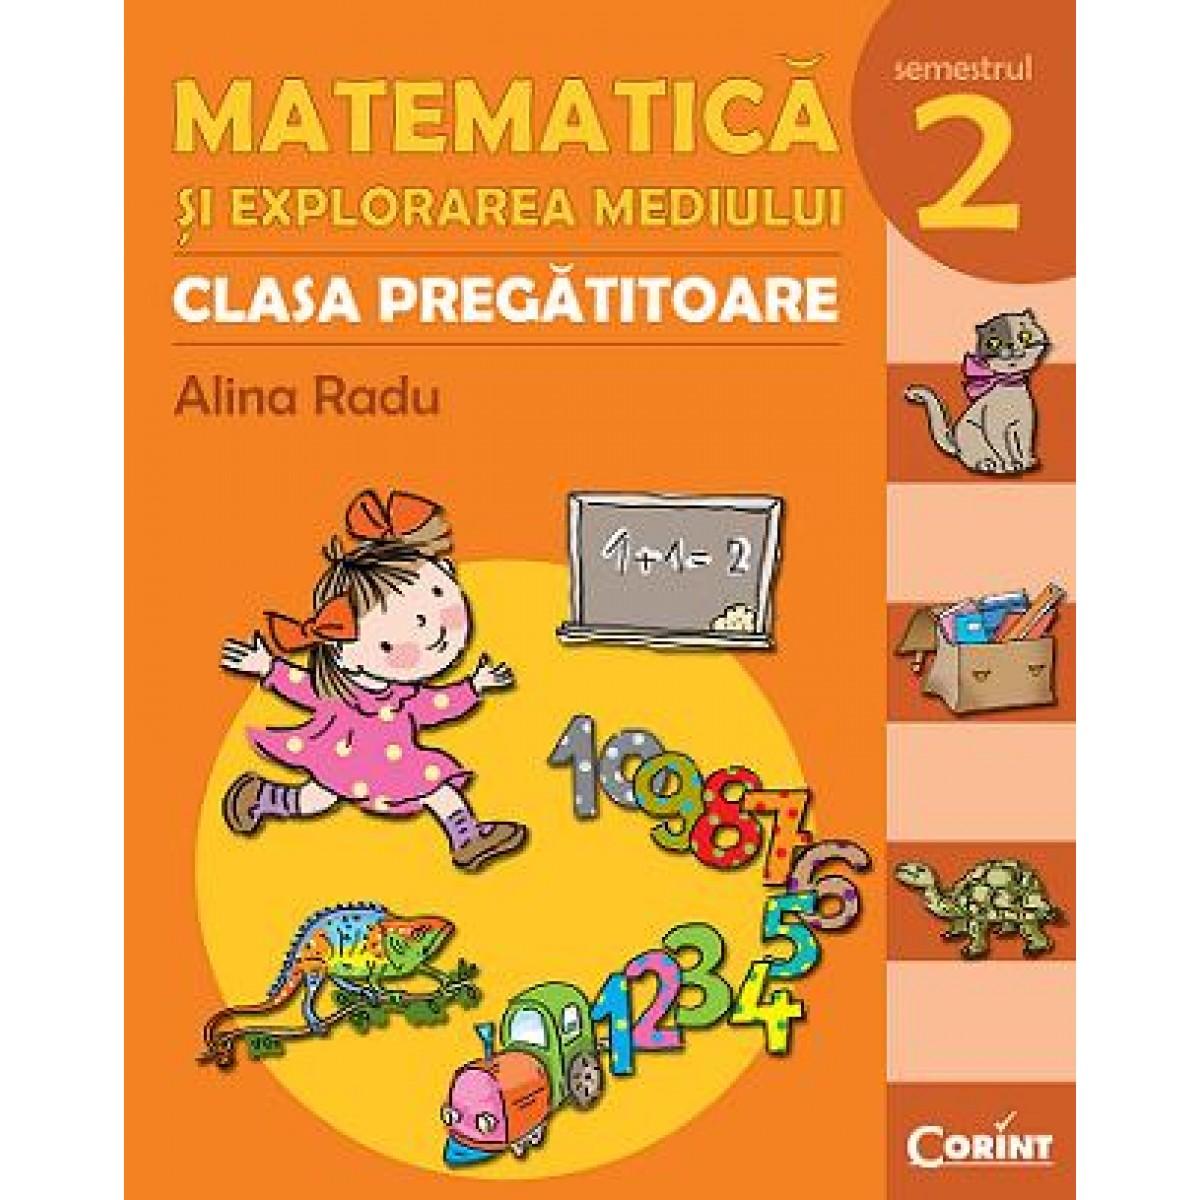 Matematica Si Explorarea Mediului Cls 2: MATEMATICA SI EXPLORAREA MEDIULUI